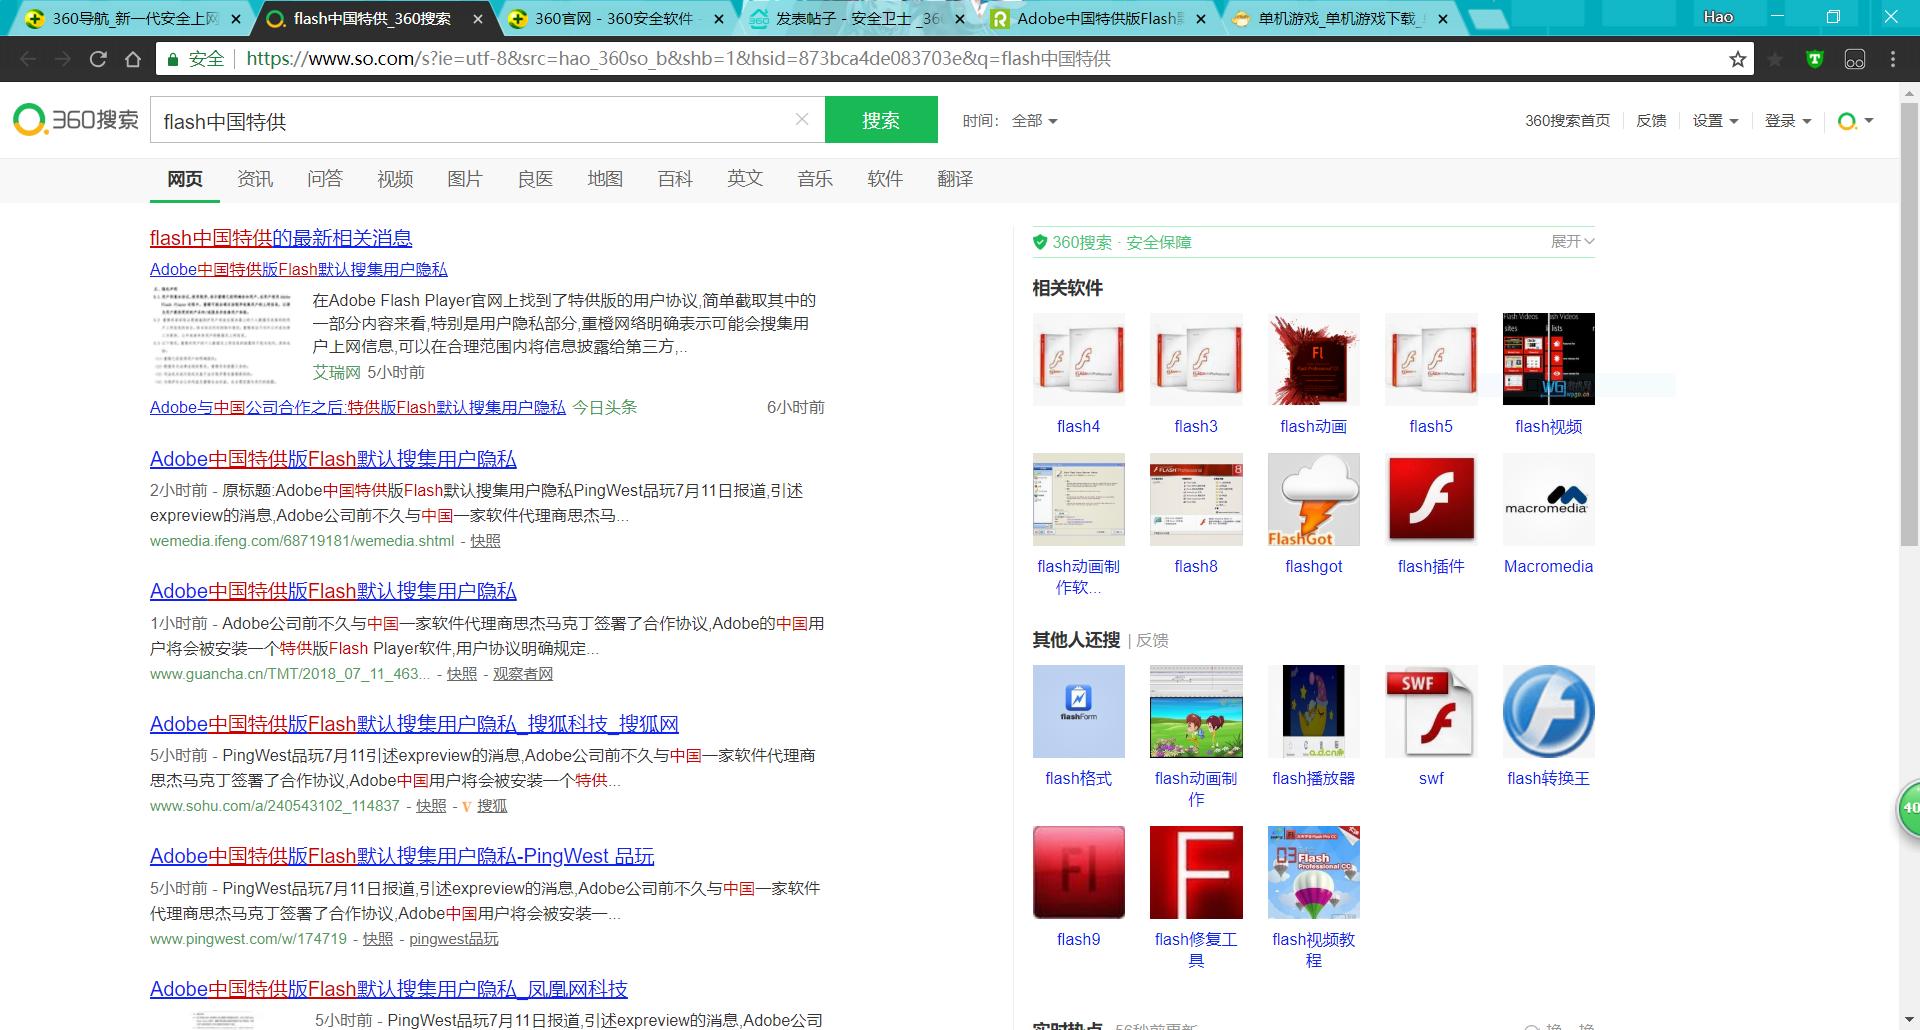 据说flash中国特供版会搜集用户隐私。